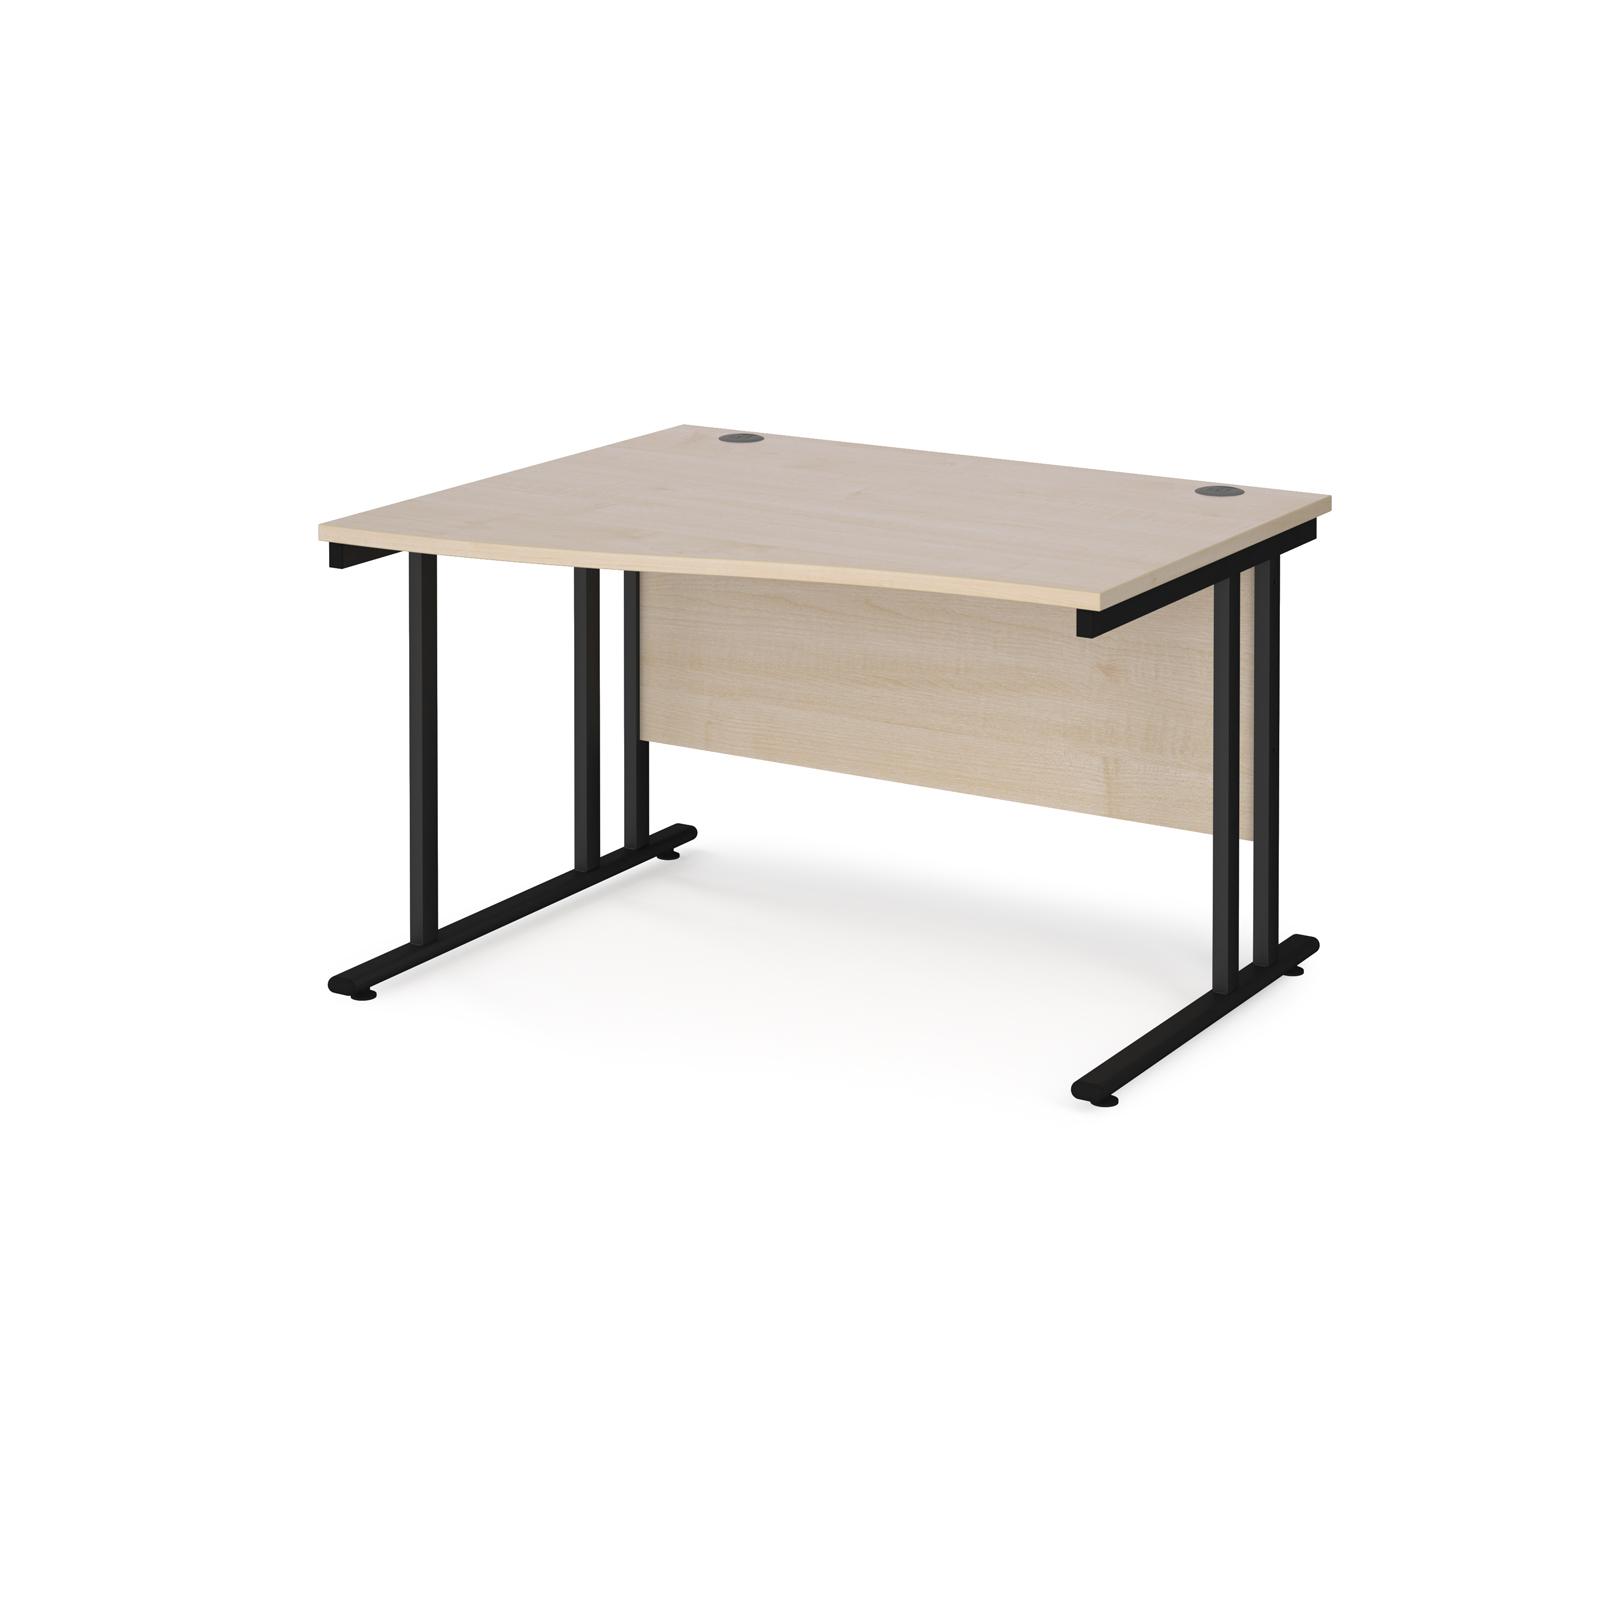 Left Handed Maestro 25 left hand wave desk 1200mm wide - black cantilever leg frame, maple top